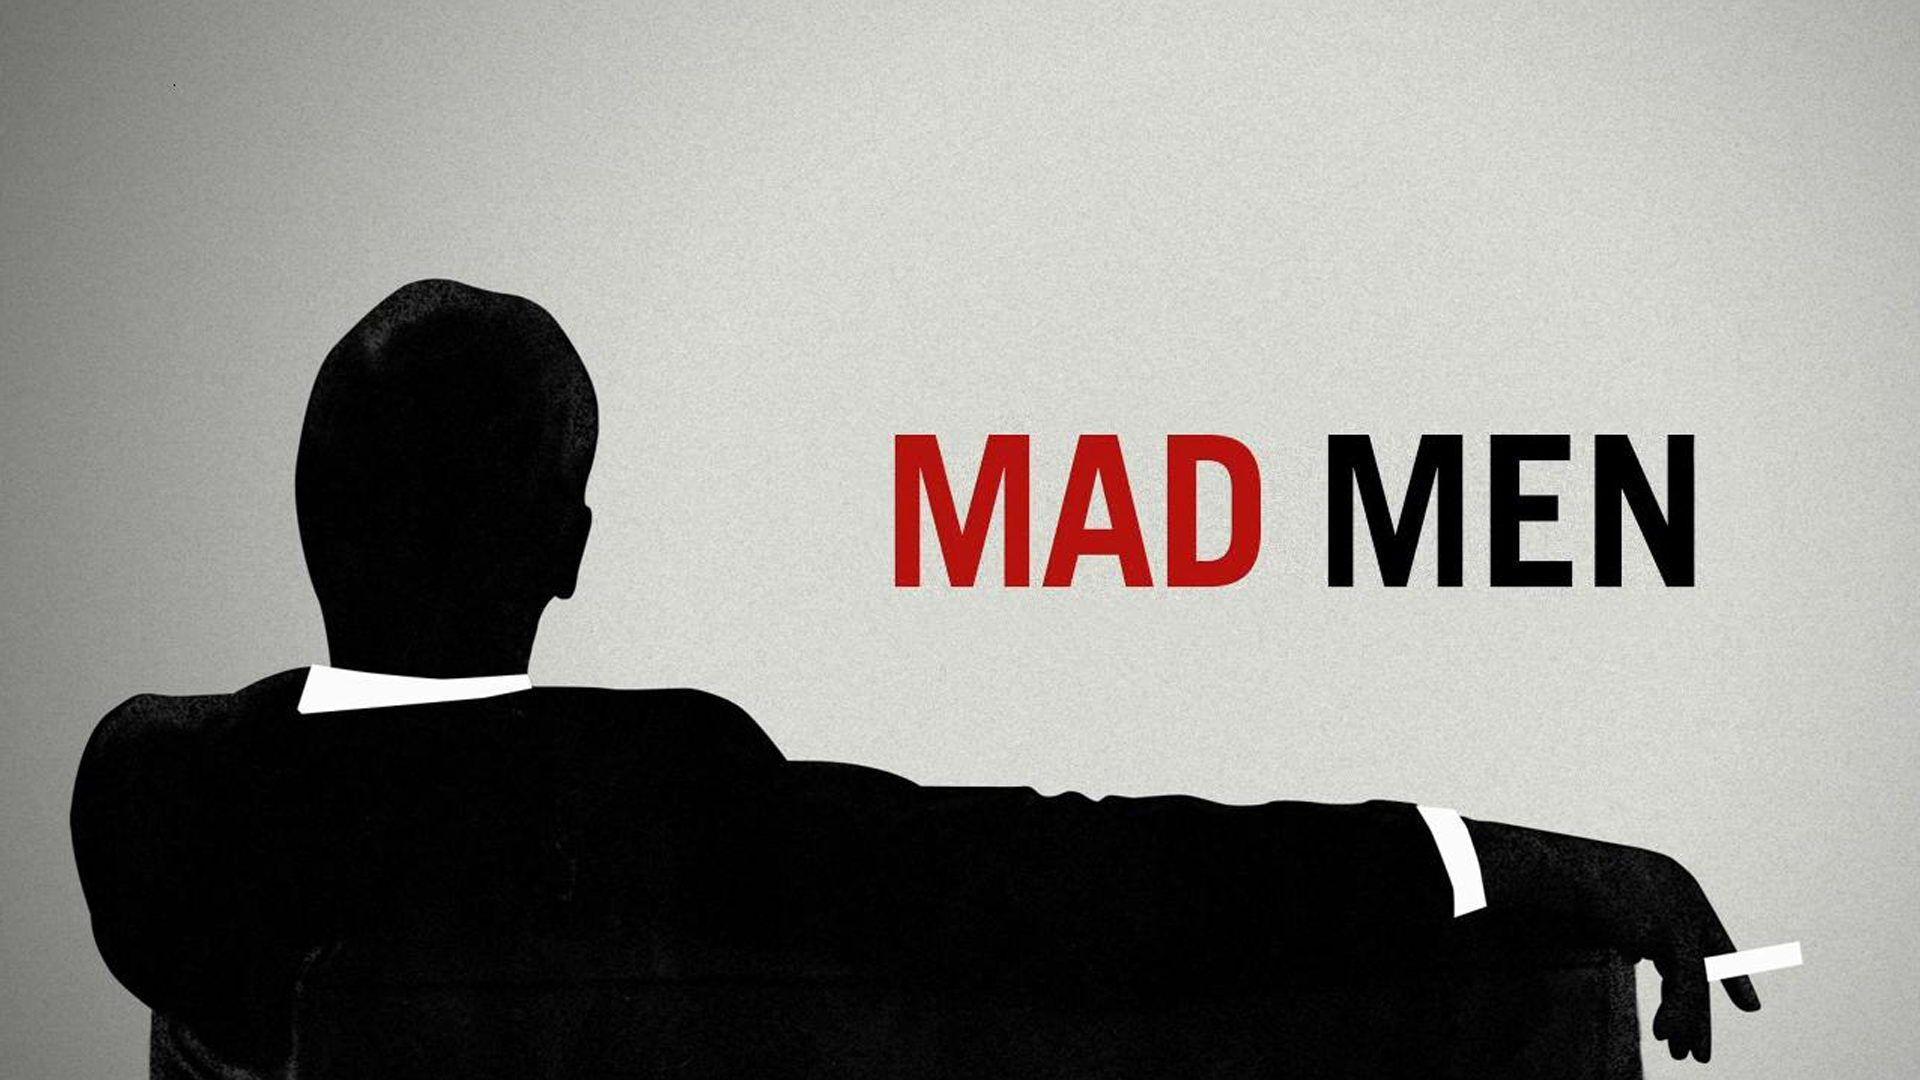 Fonds Decran Mad Men Tous Les Wallpapers